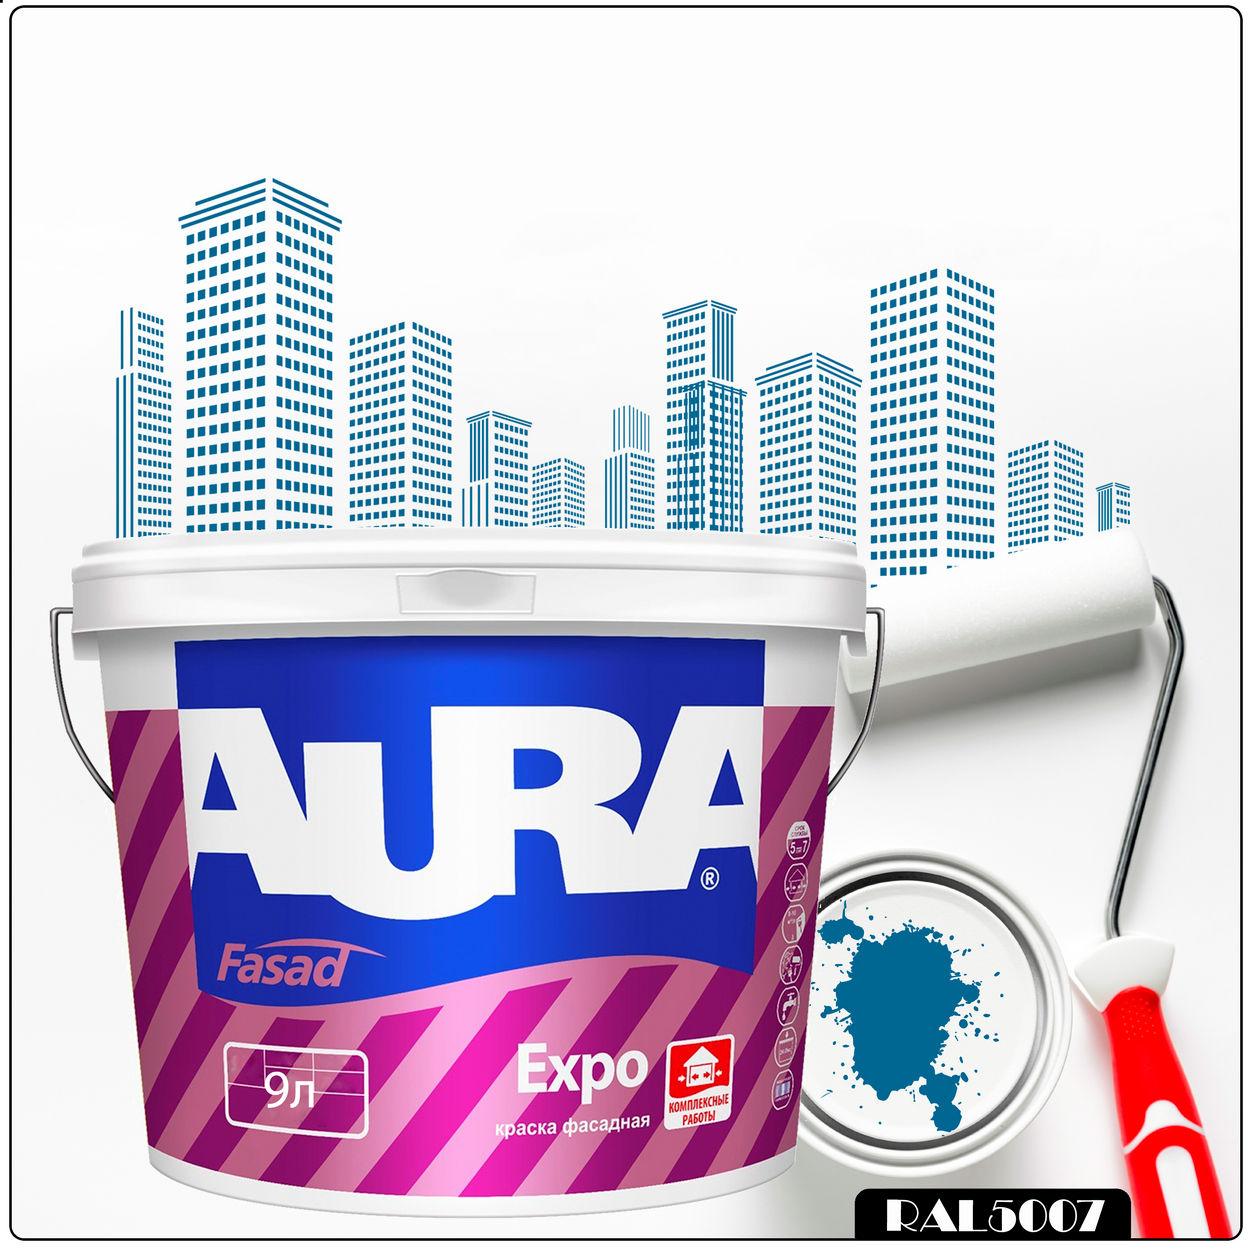 Фото 7 - Краска Aura Fasad Expo, RAL 5007 Бриллиантово-синий, матовая, для фасадов и помещений с повышенной влажностью, 9л.